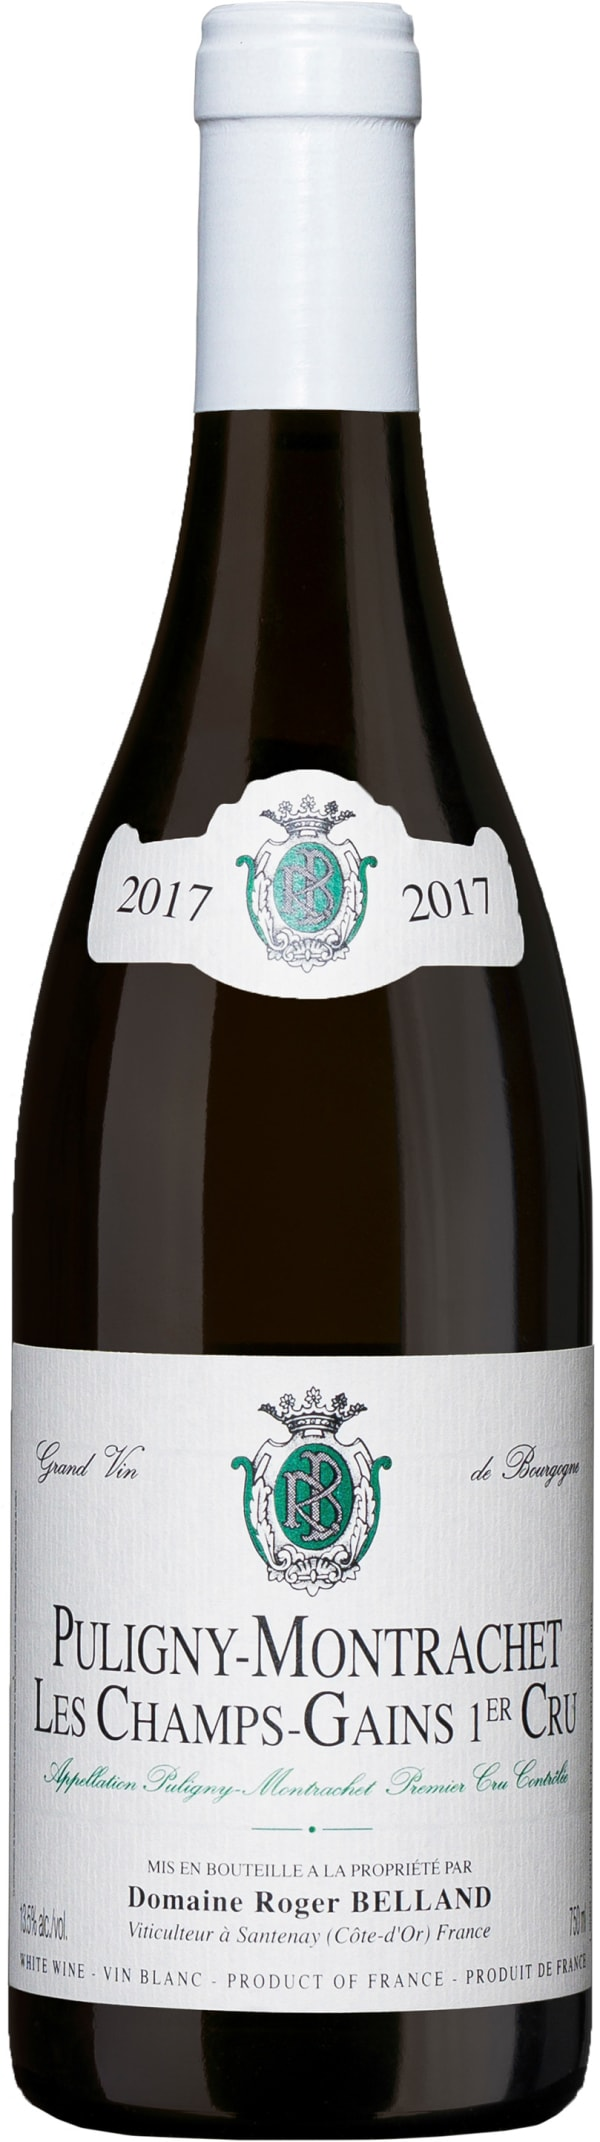 Domaine Roger Belland Puligny-Montrachet Les Champs-Gains 1er Cru 2017